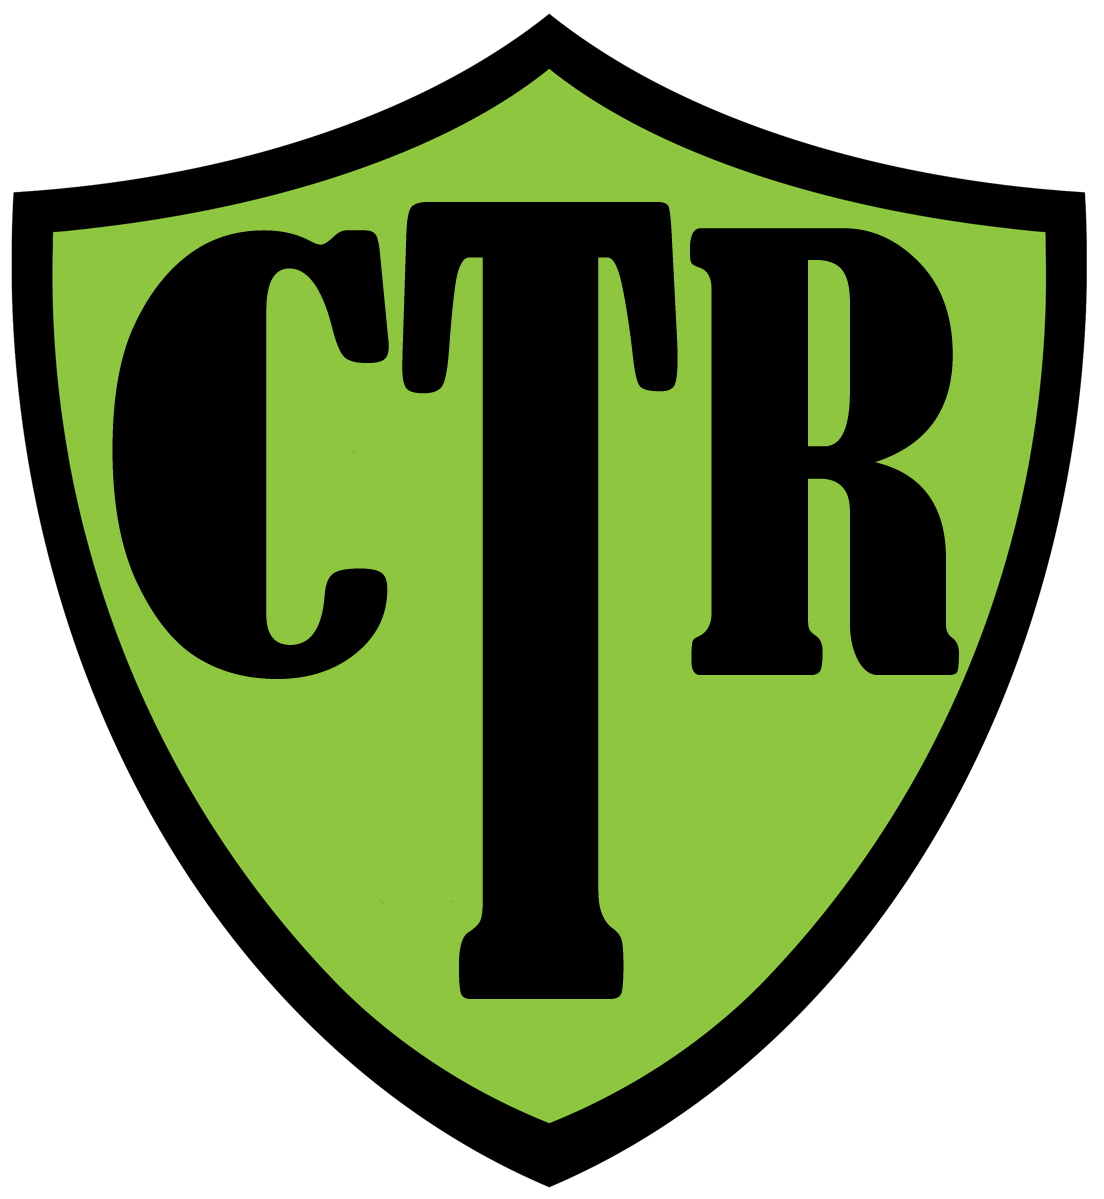 Ctr Shield Clip Art